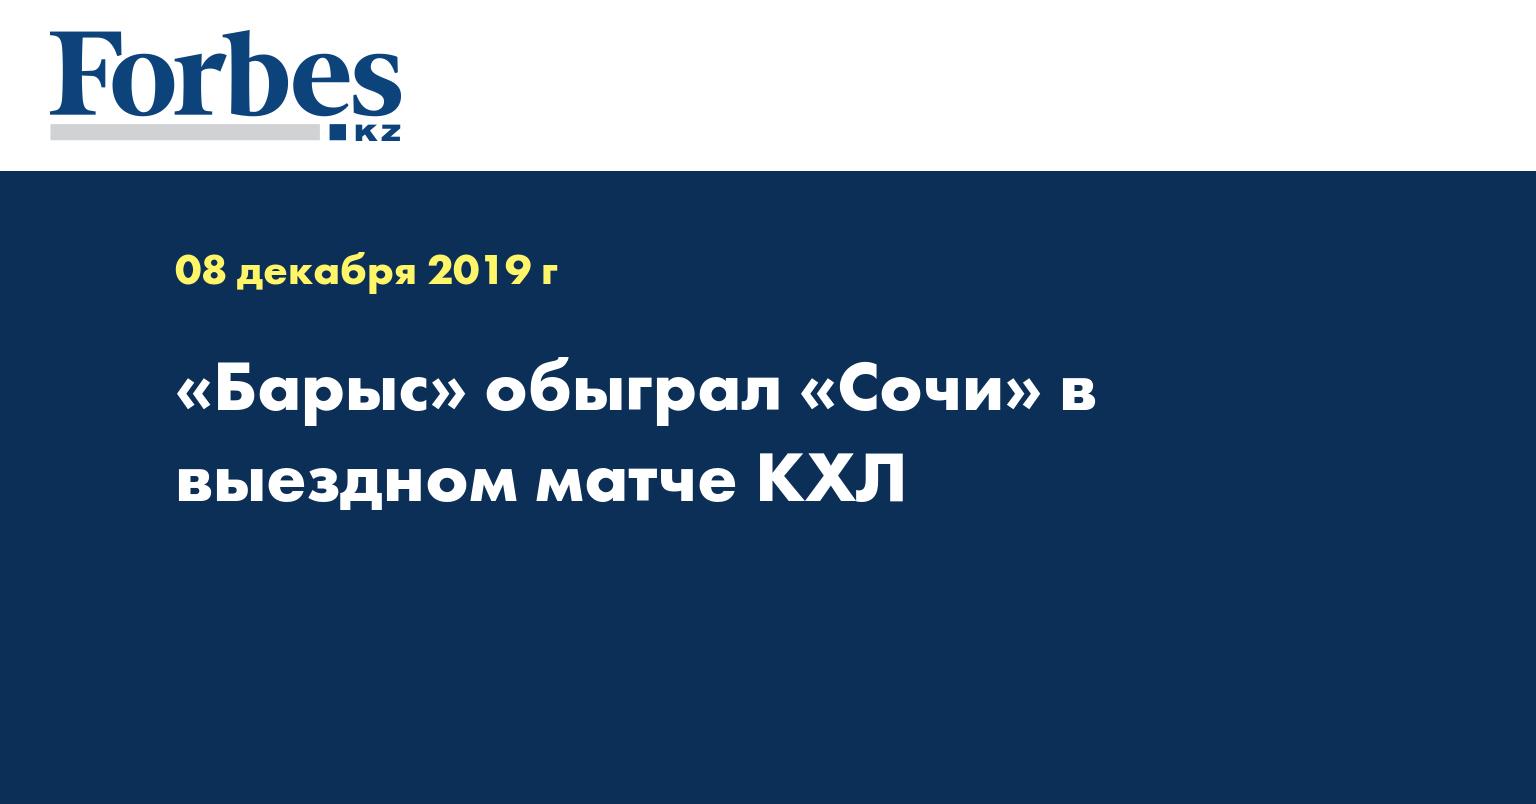 «Барыс» обыграл «Сочи» в выездном матче КХЛ